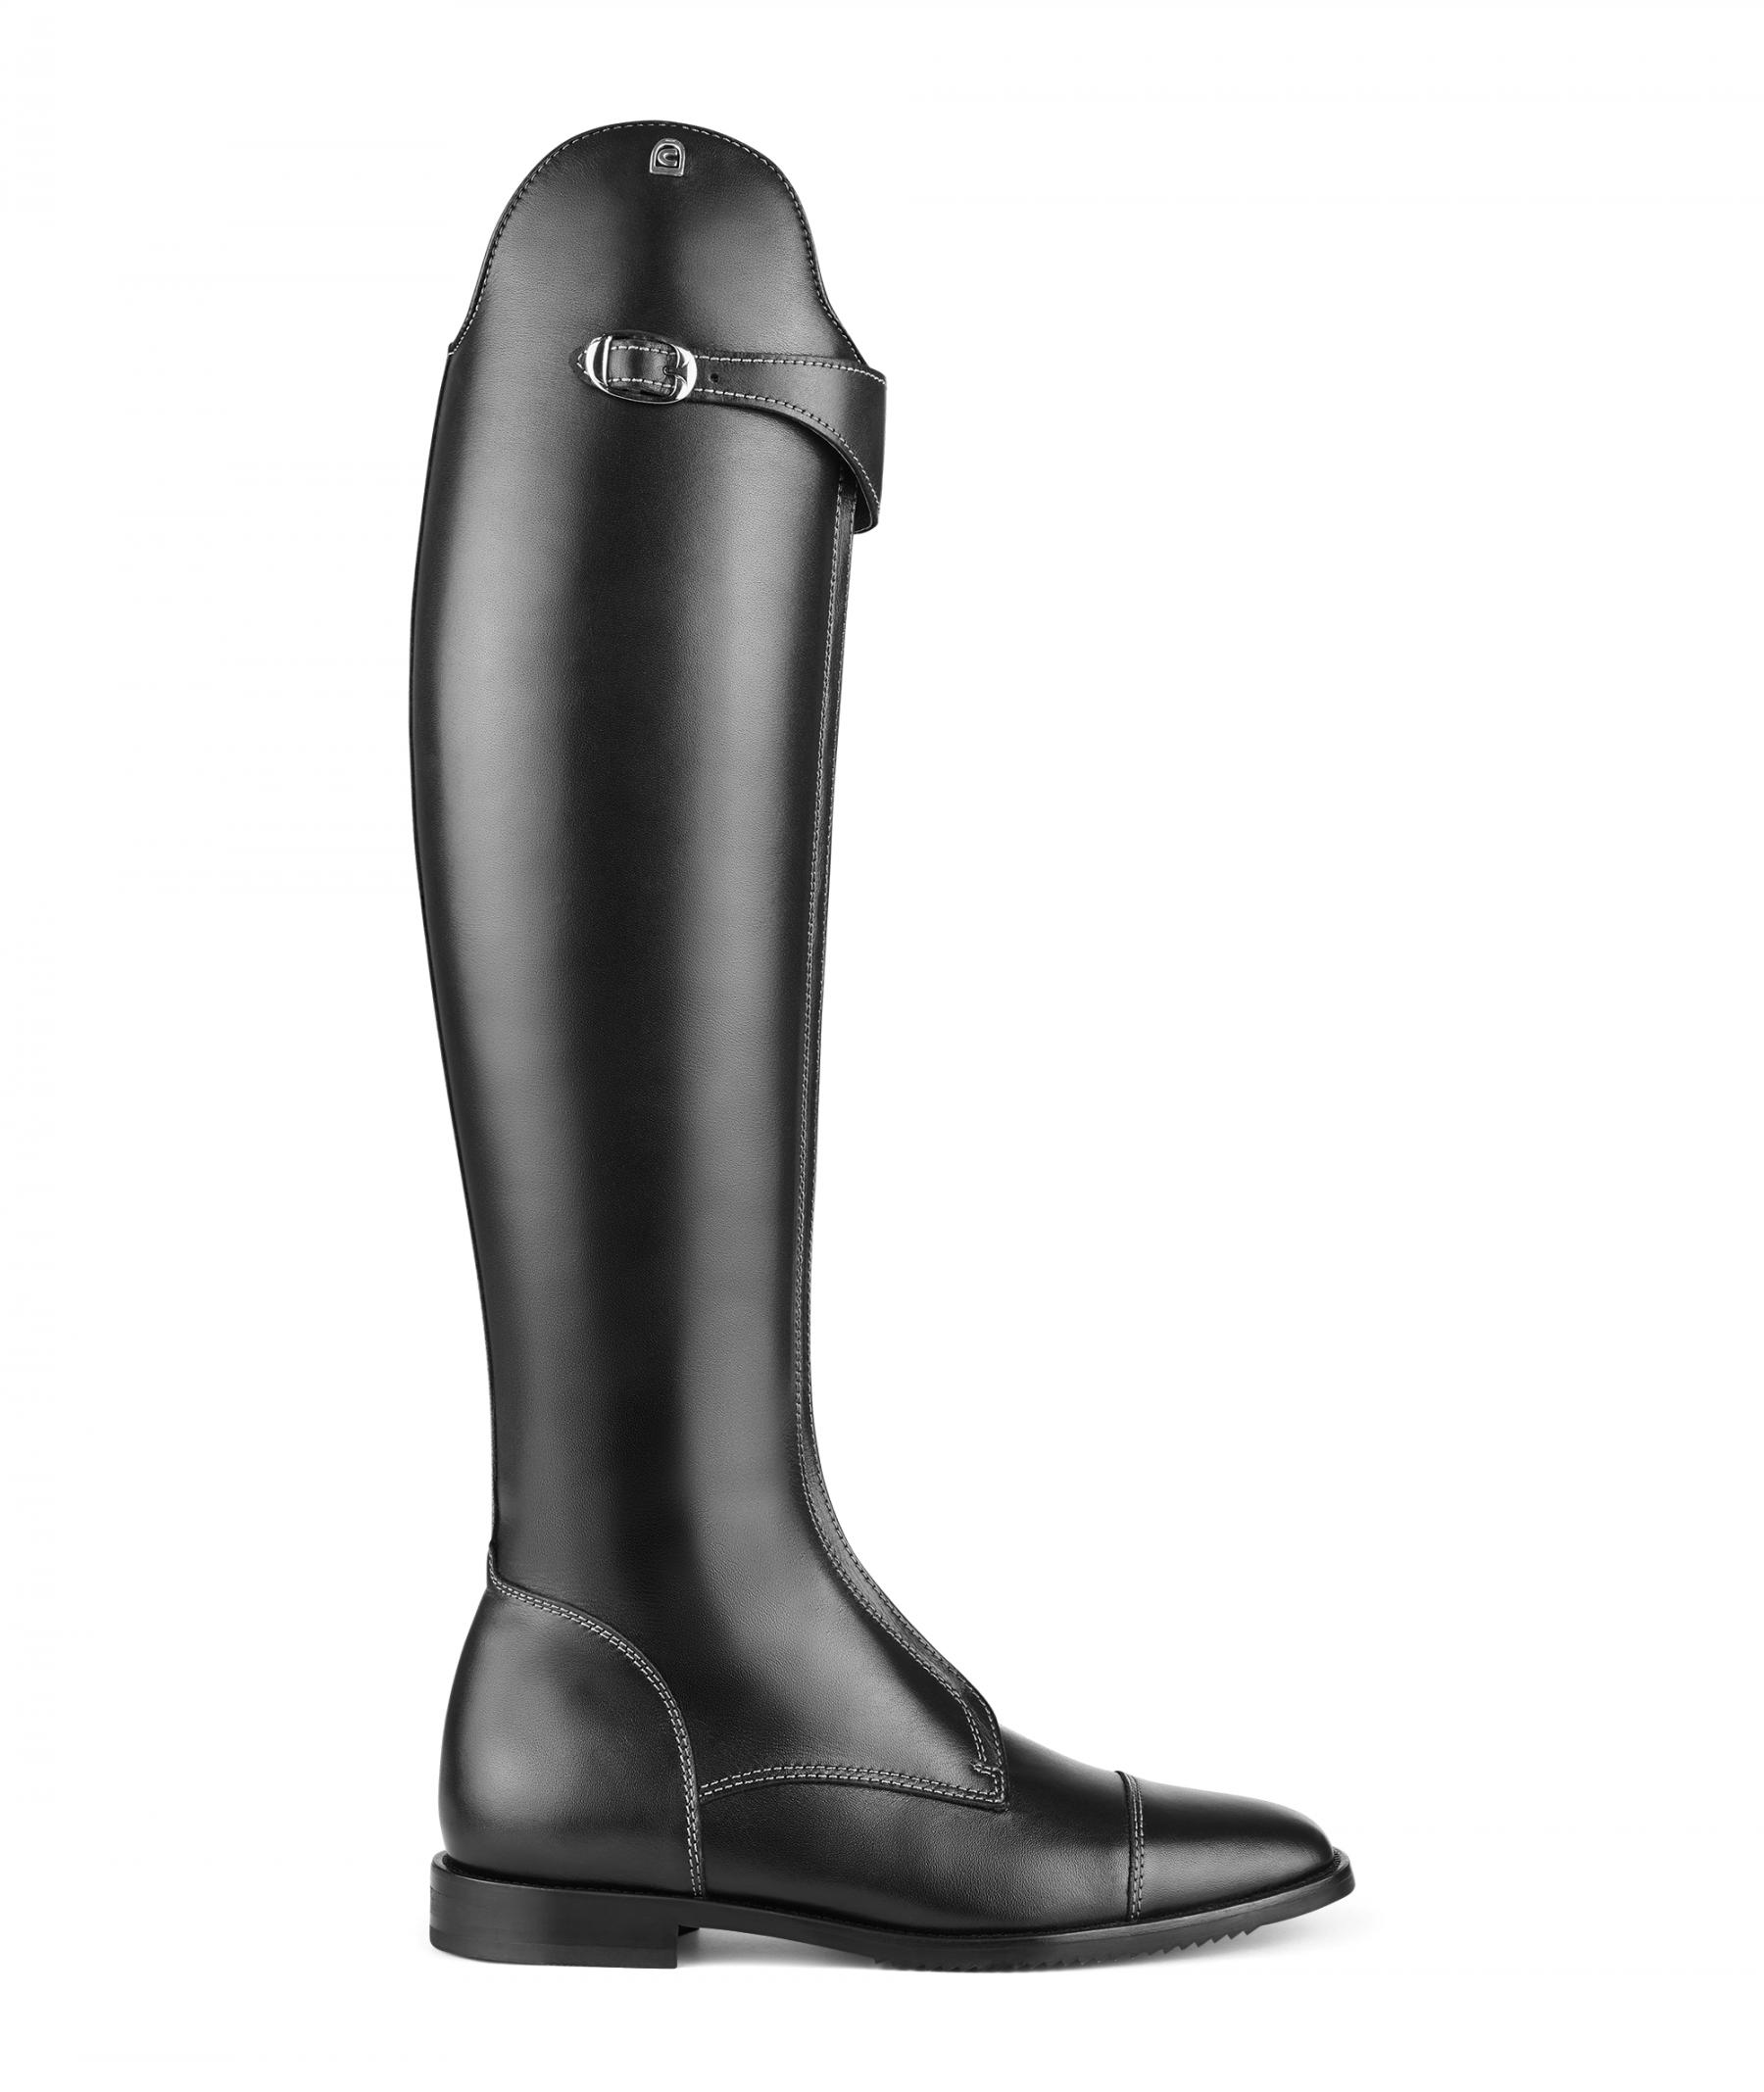 cavallo polo ridestøvle